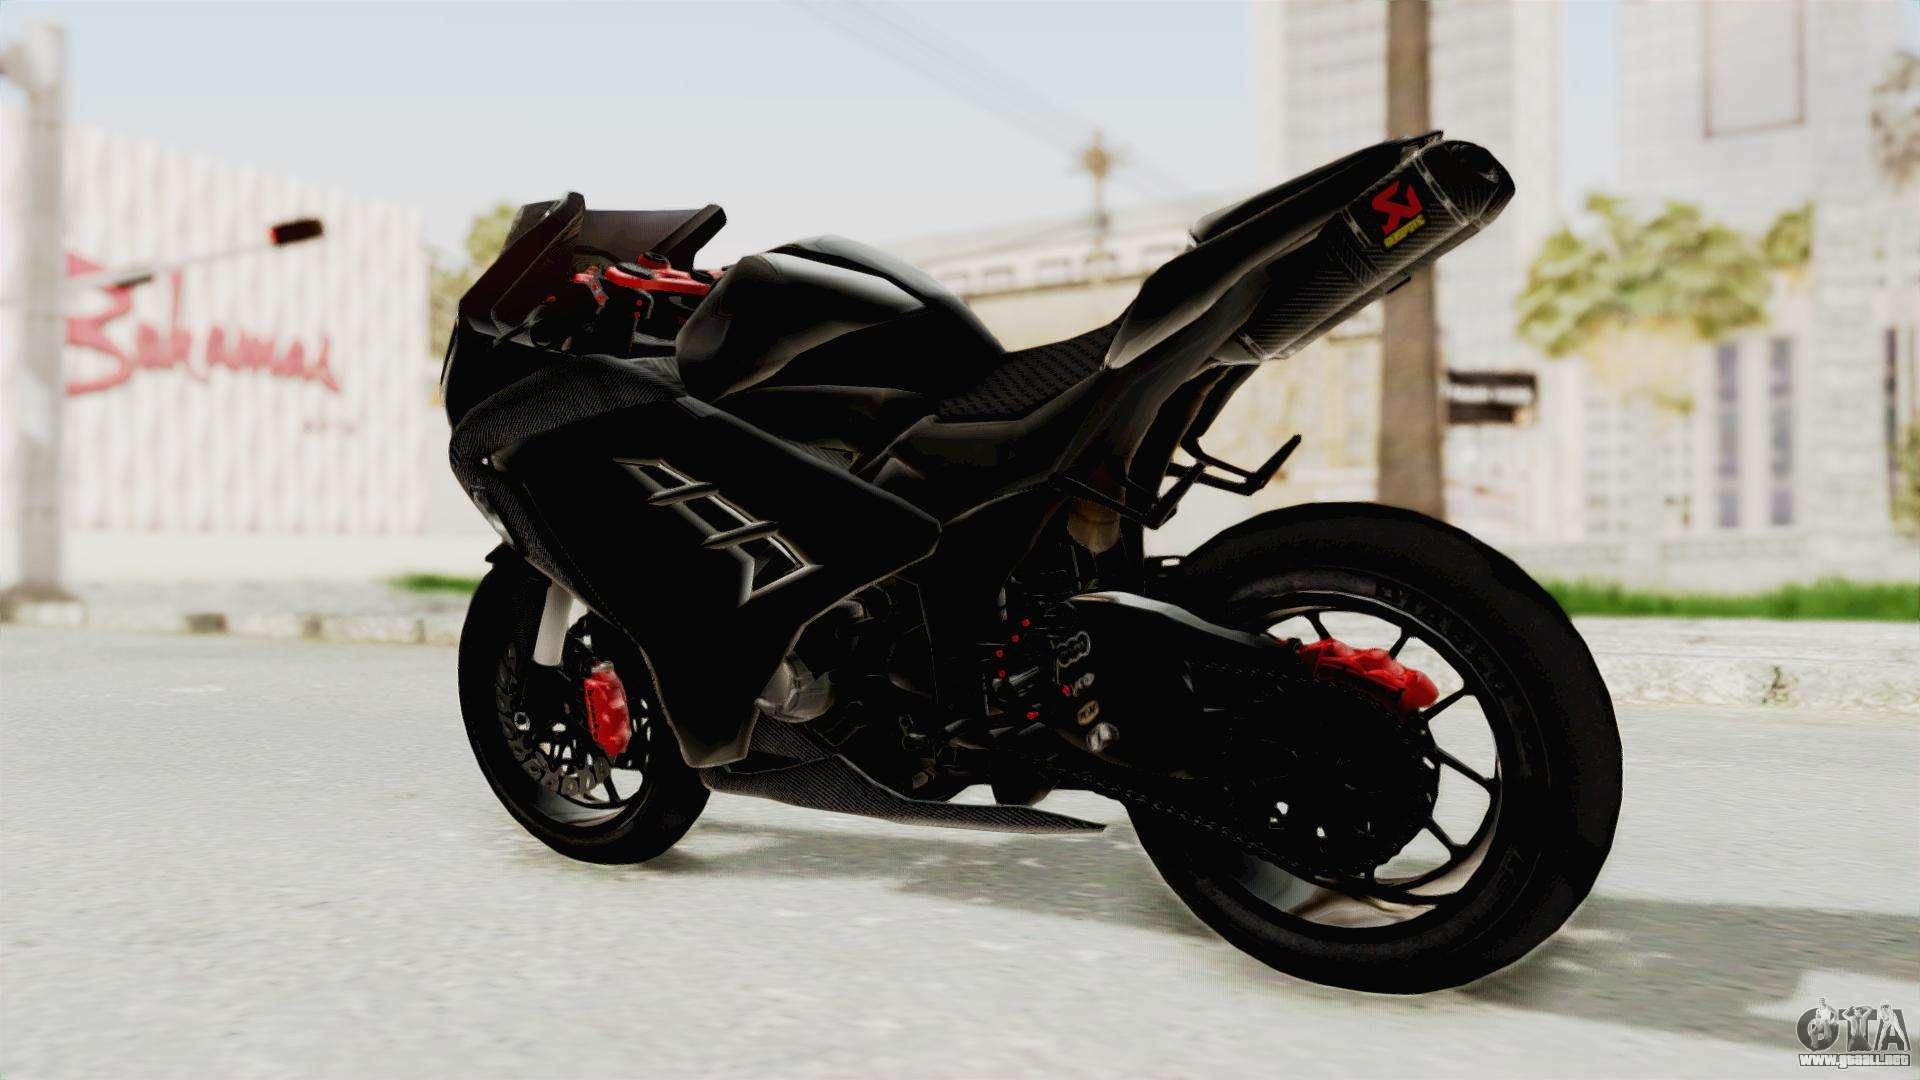 Ktm Gta Sa >> Kawasaki Ninja 300 FI Modification para GTA San Andreas